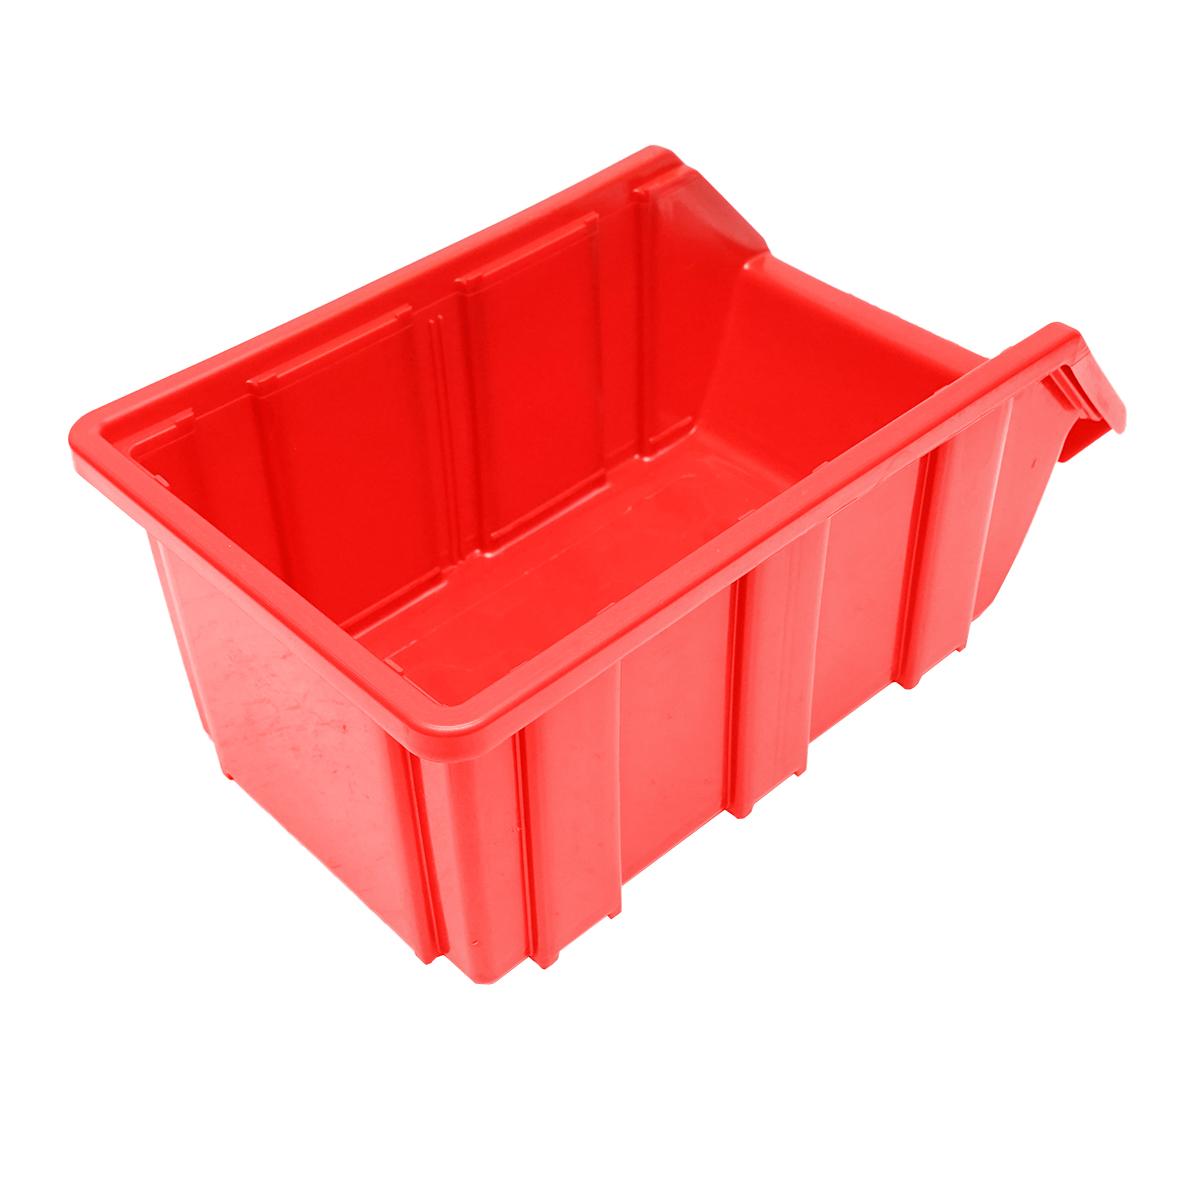 Cutie plastic depozitare 175x317x148mm rosie